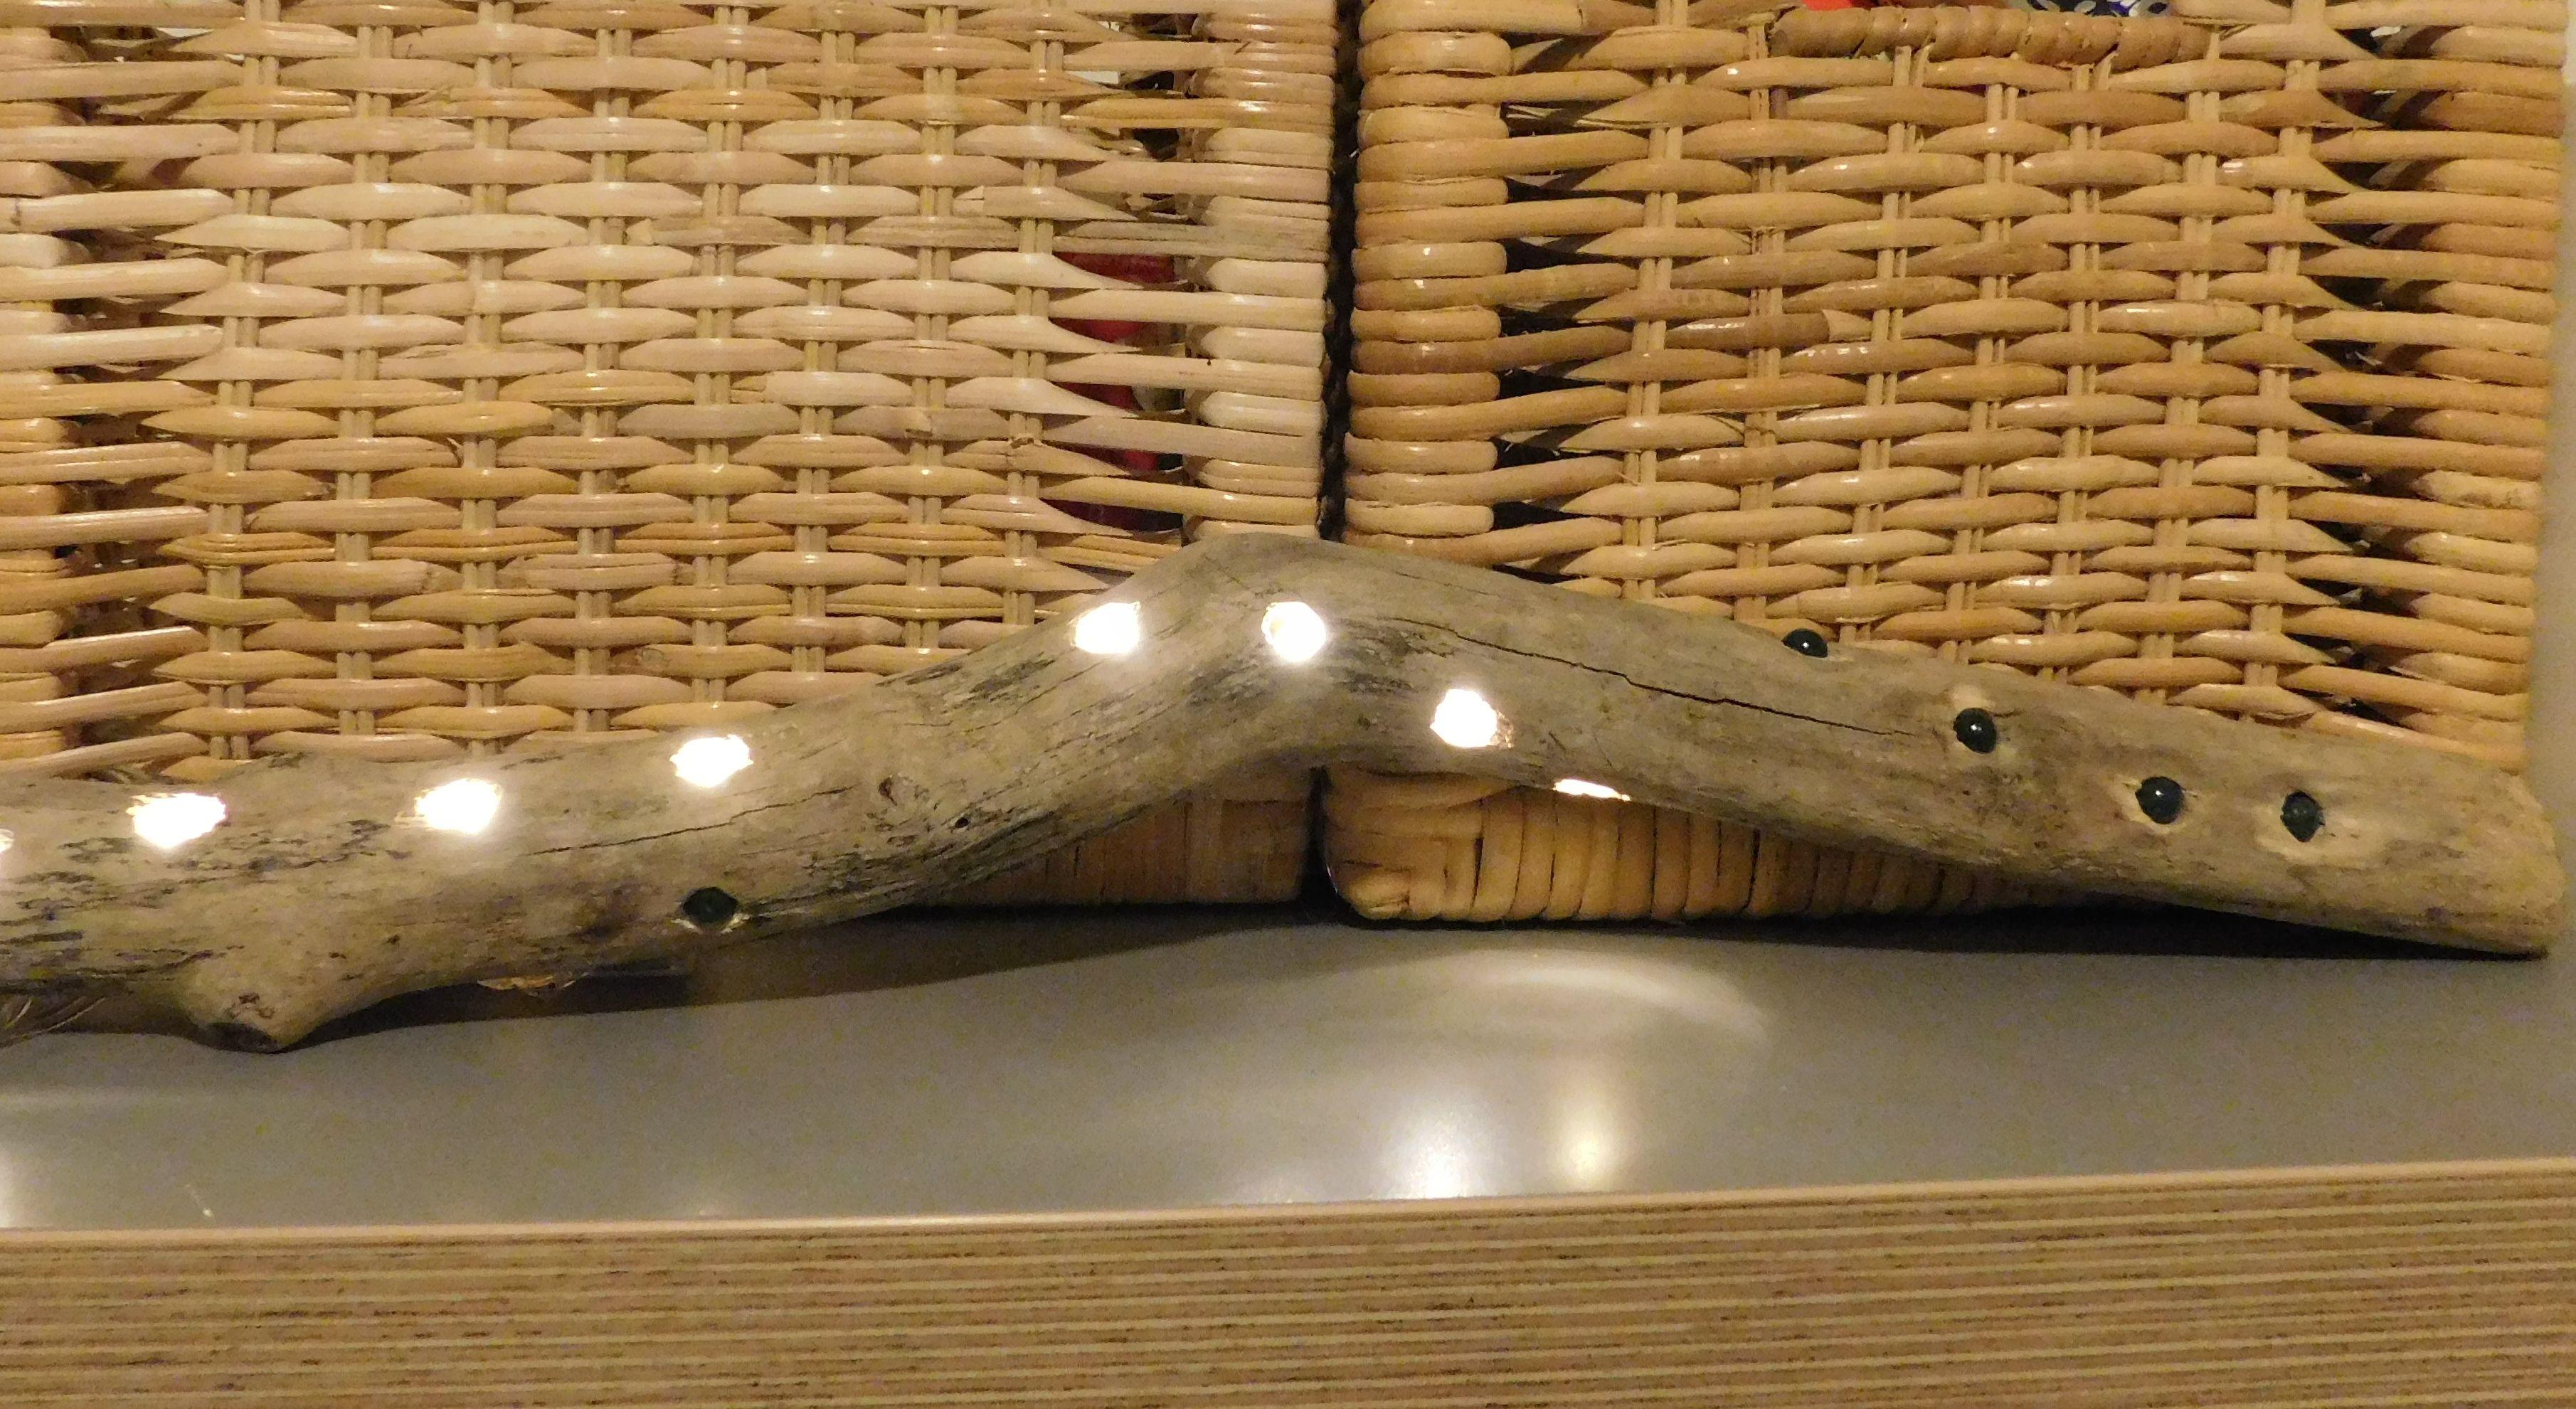 MOBILE LEUCHTE AUS TREIBOLZ DRIFTWOOD mit LED Leuchten und Batterie. Aufgepeppt mit Achat Perlen.